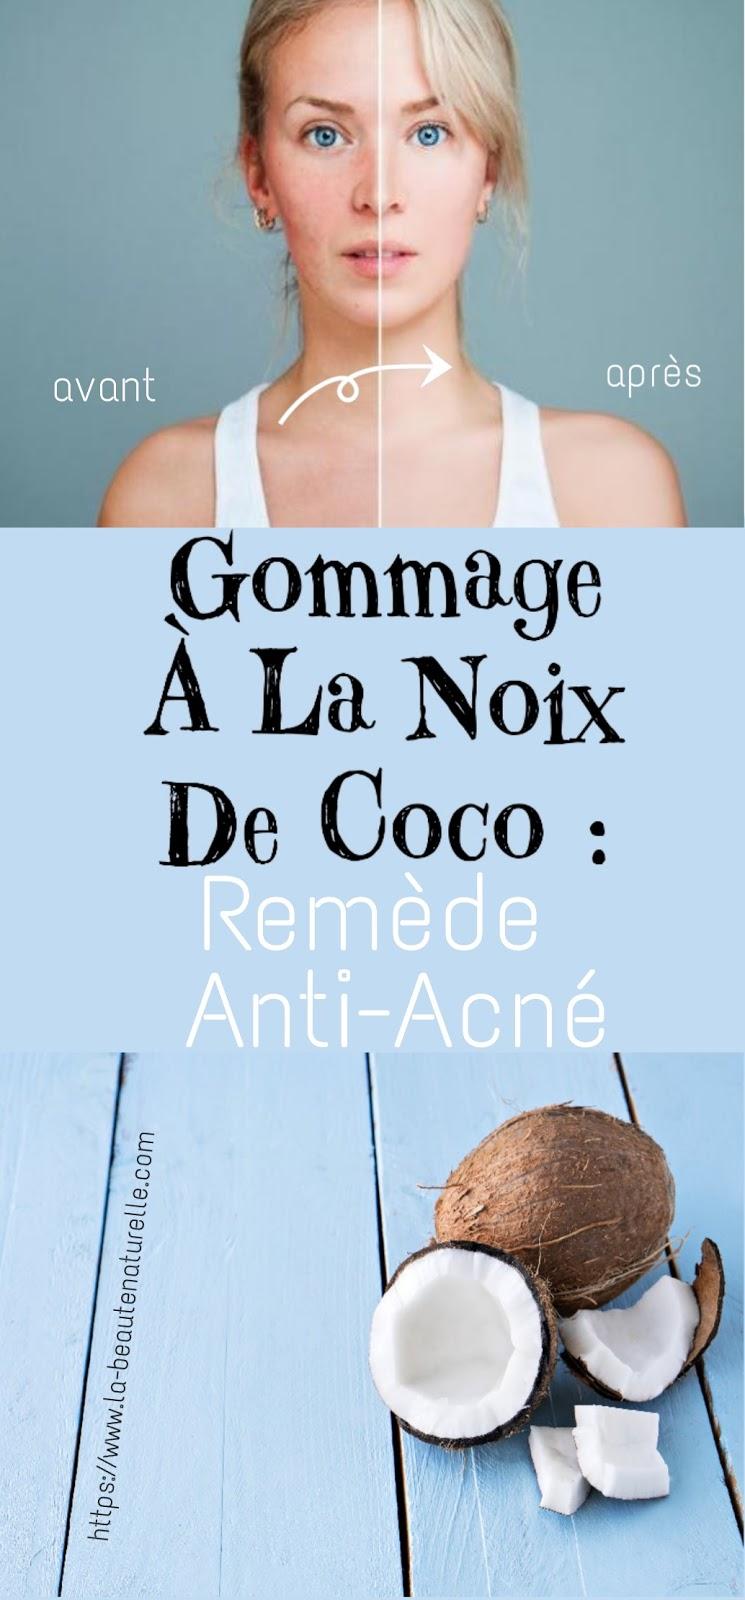 Gommage À La Noix De Coco : Remède Anti-Acné